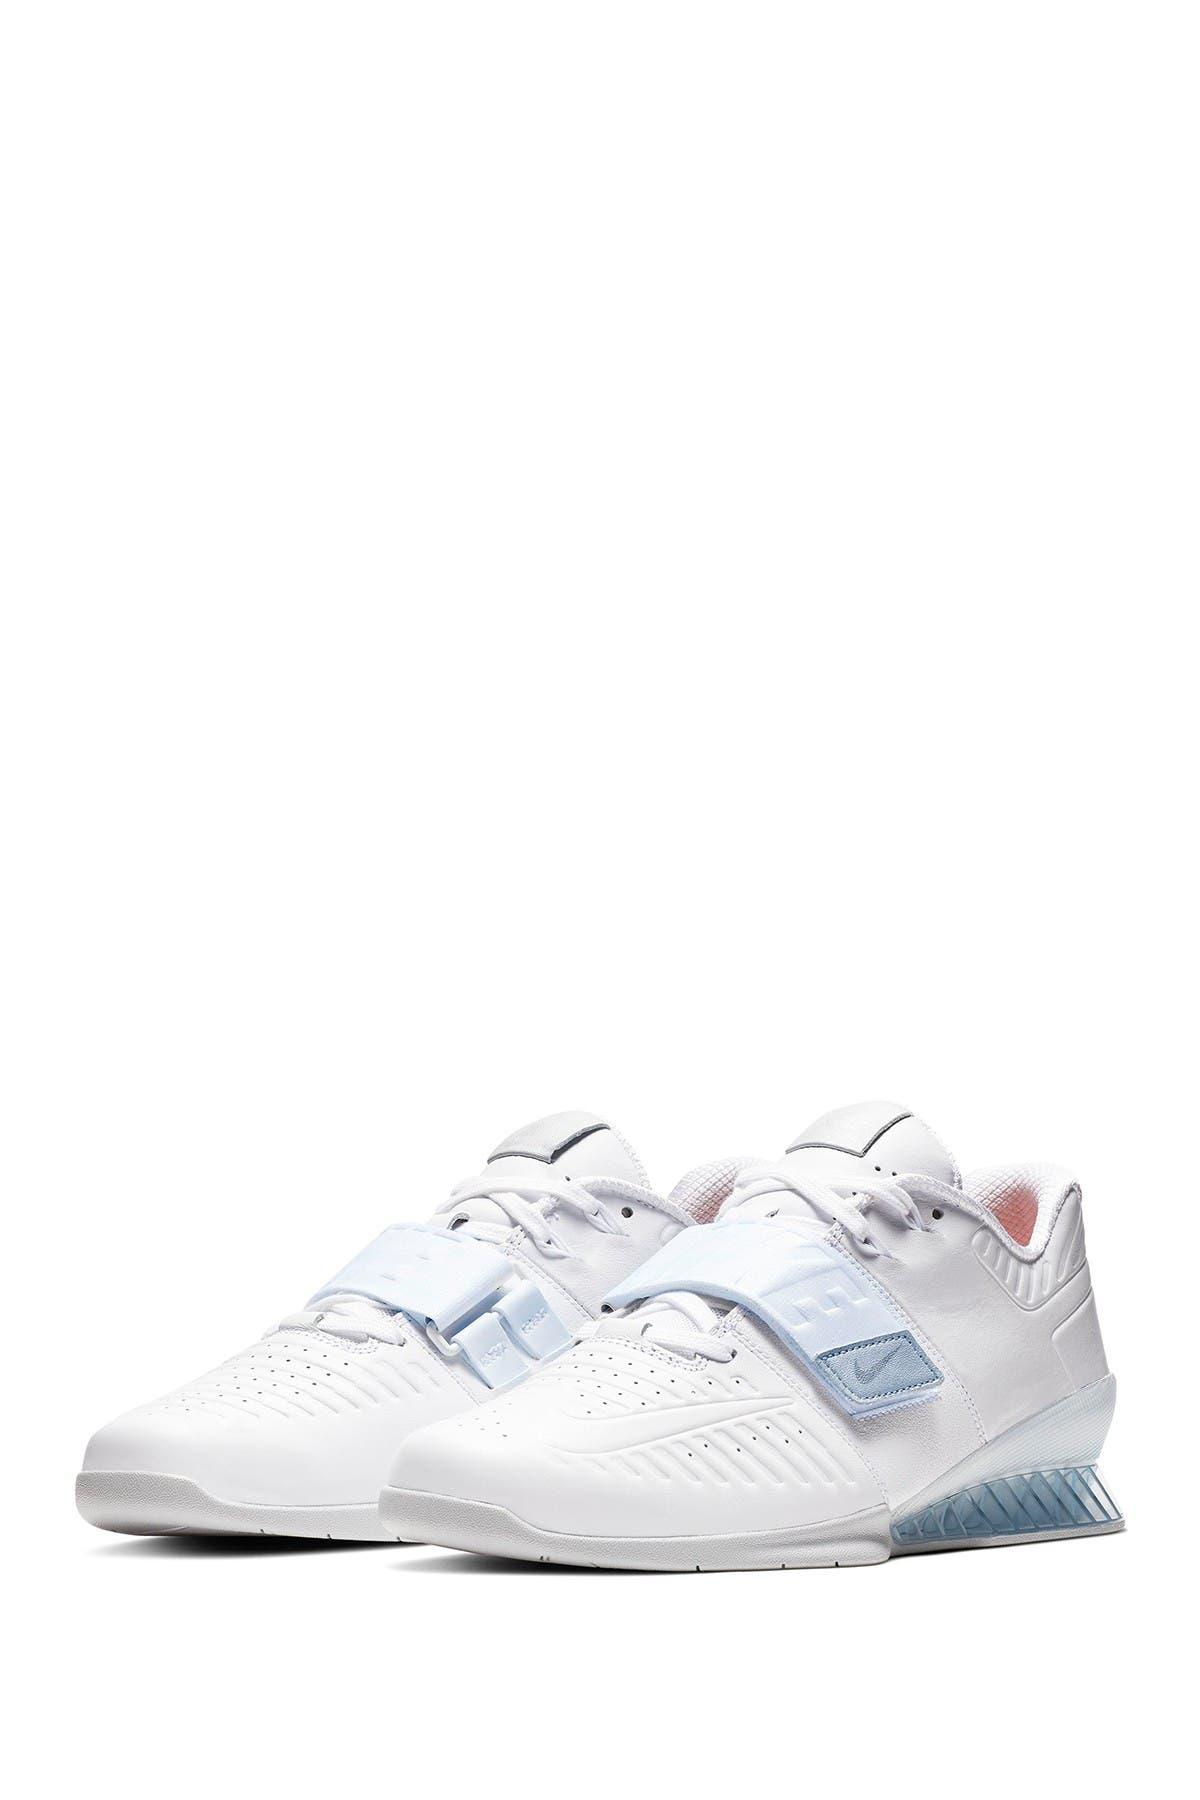 nike romaleos 3 xd white